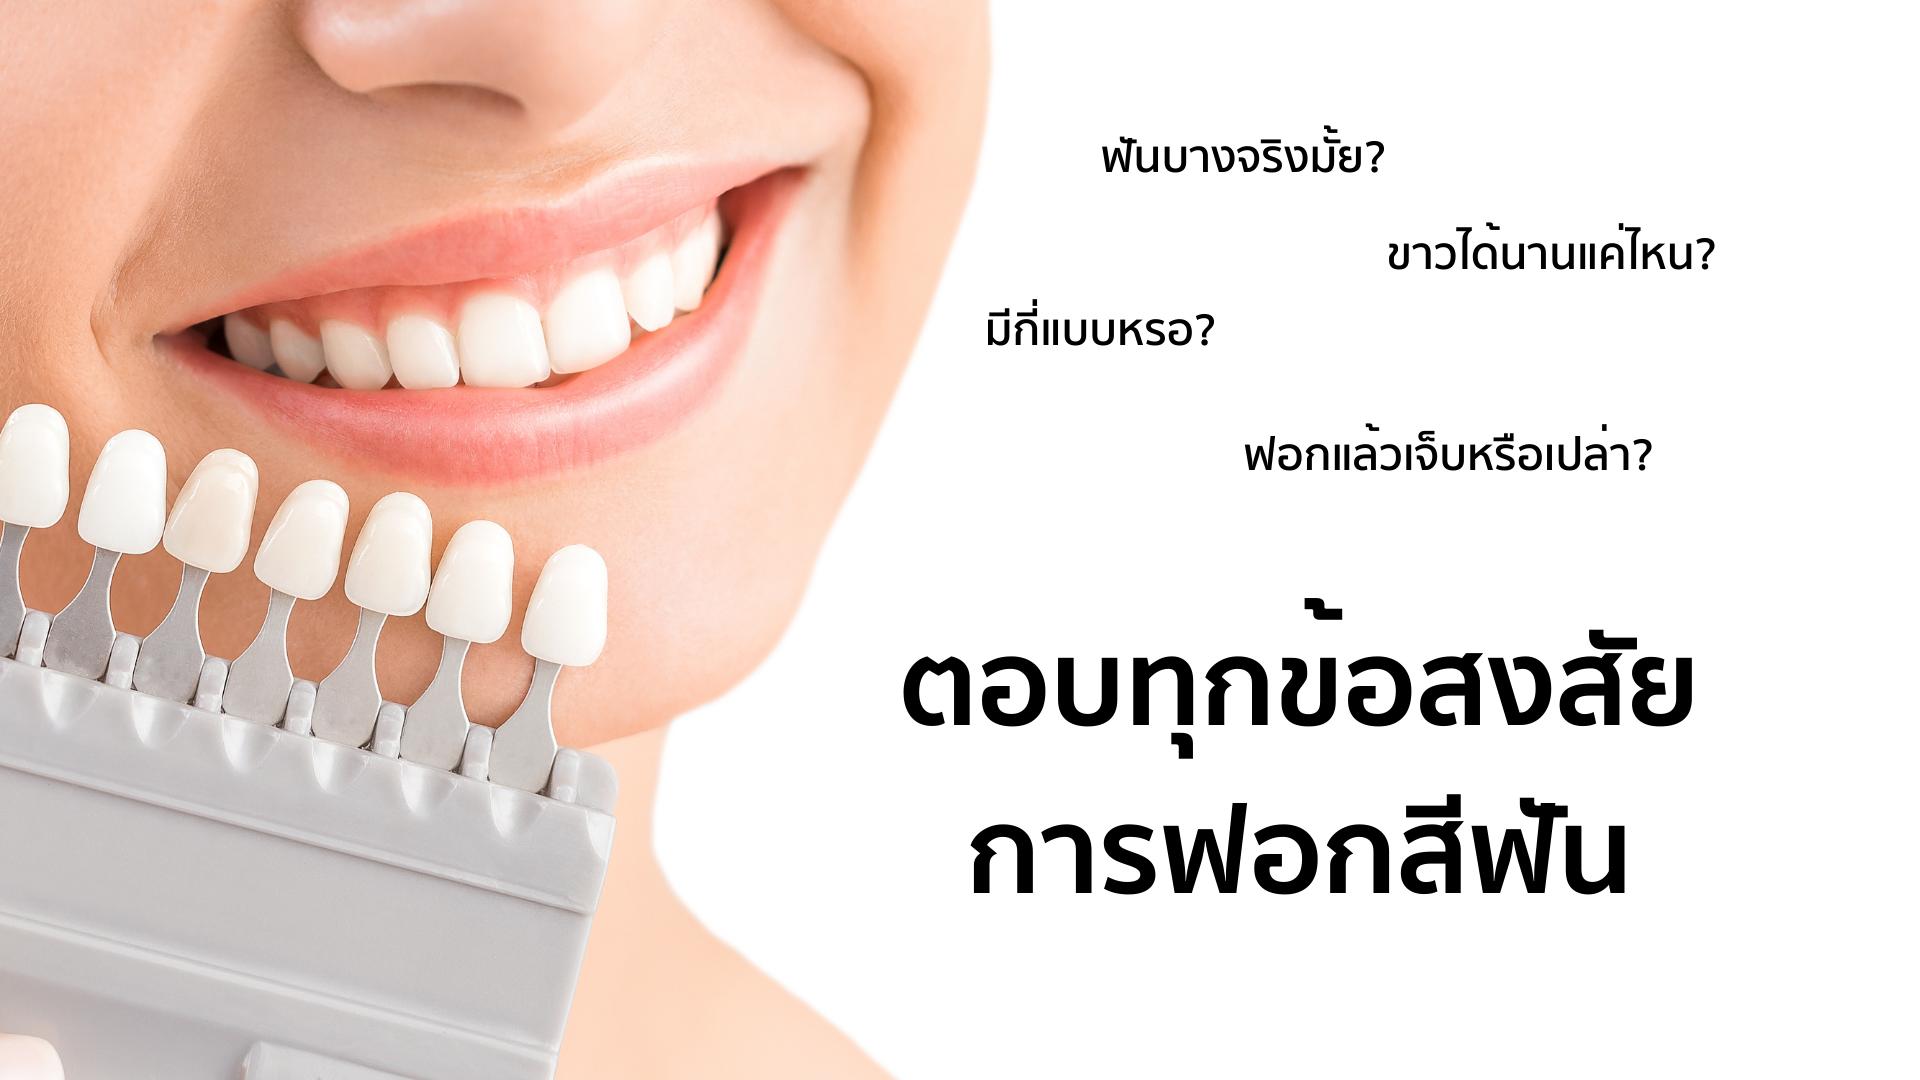 ตอบข้อสงสัยกับการฟอกสีฟัน